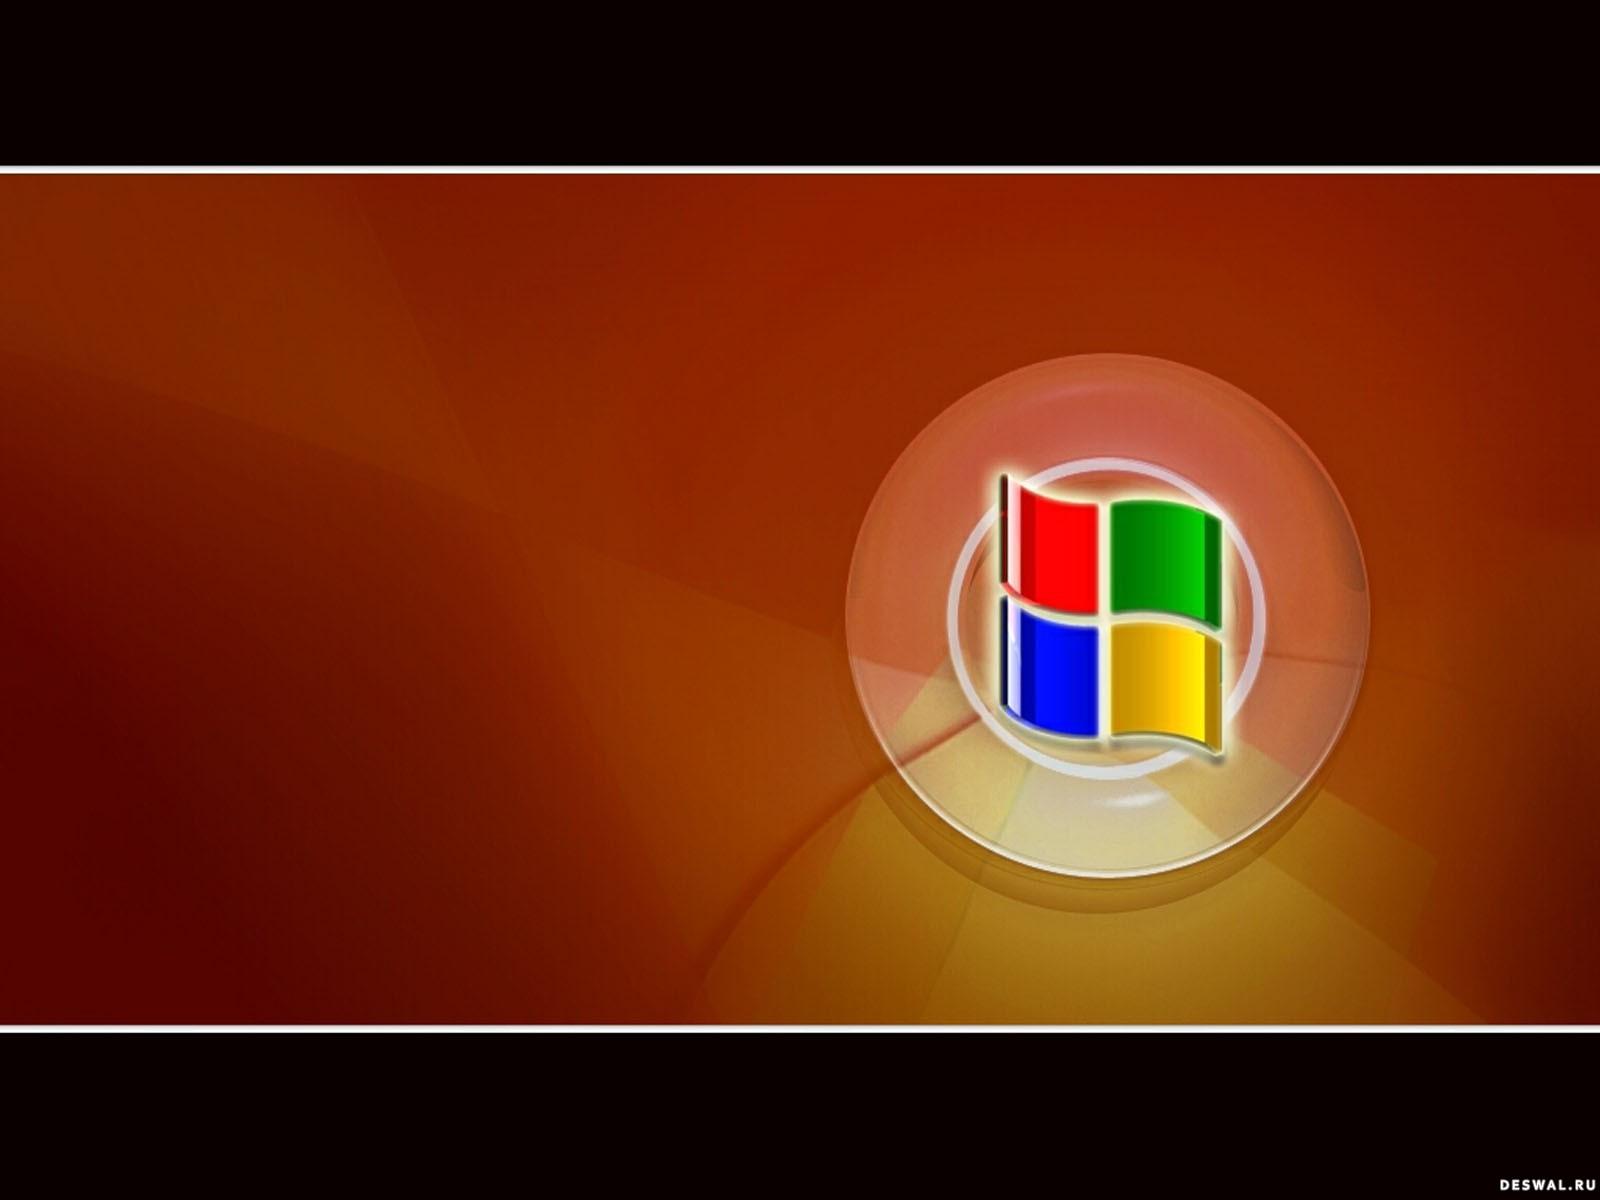 Фото 8. Нажмите на картинку с обоями windows, чтобы просмотреть ее в реальном размере